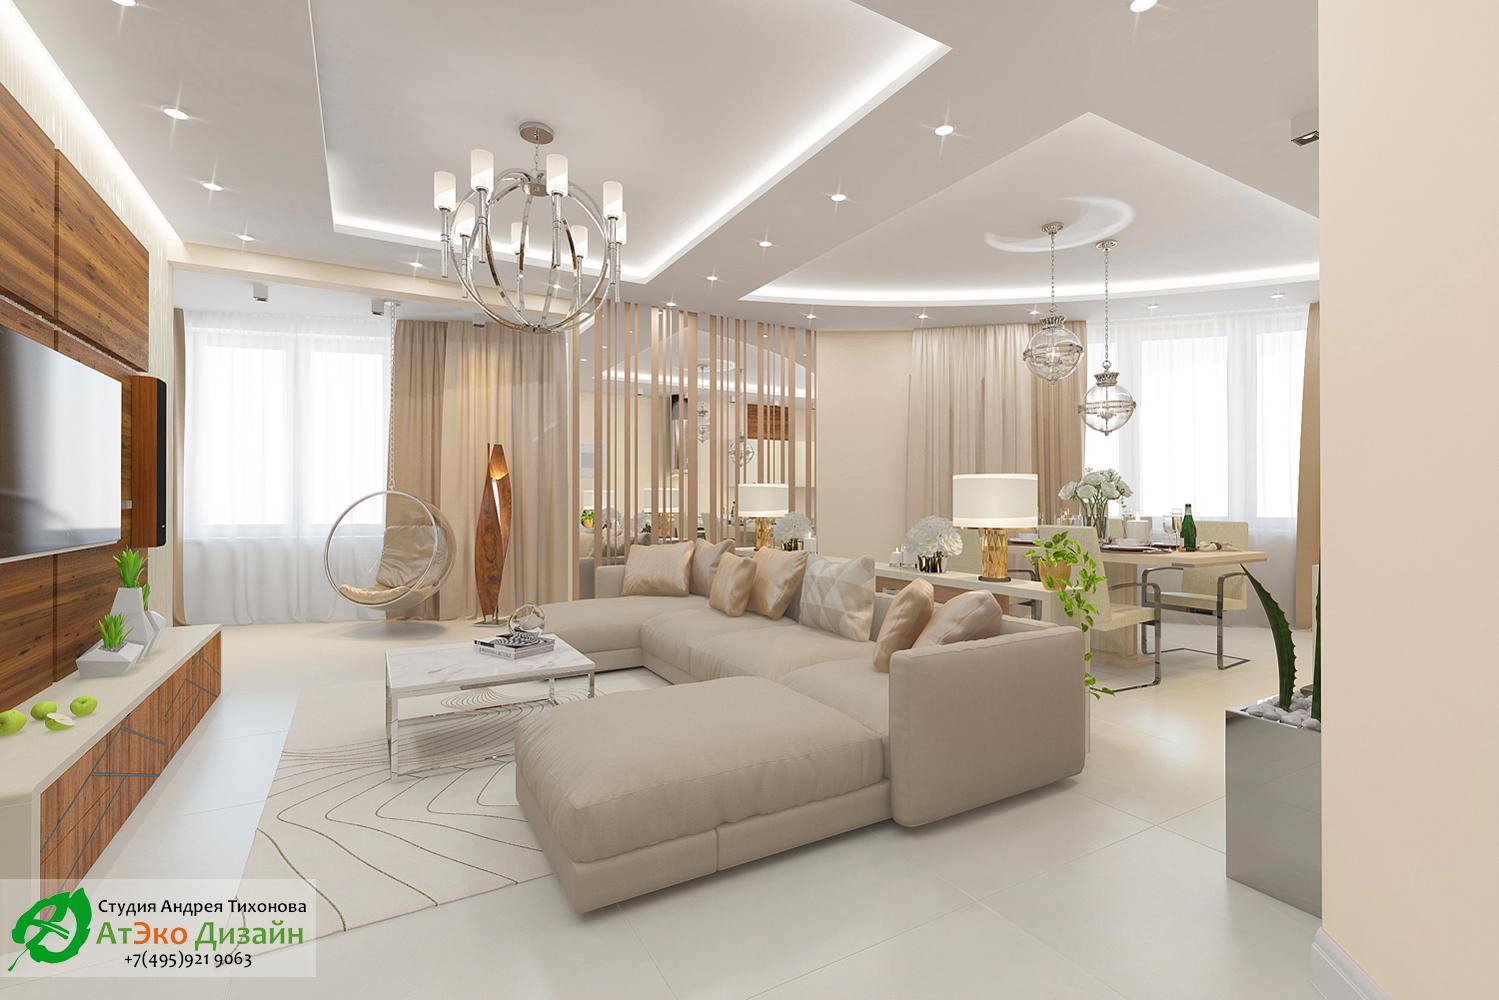 Дизайн интерьера гостиной совмещённой с кухней в светлых тонах